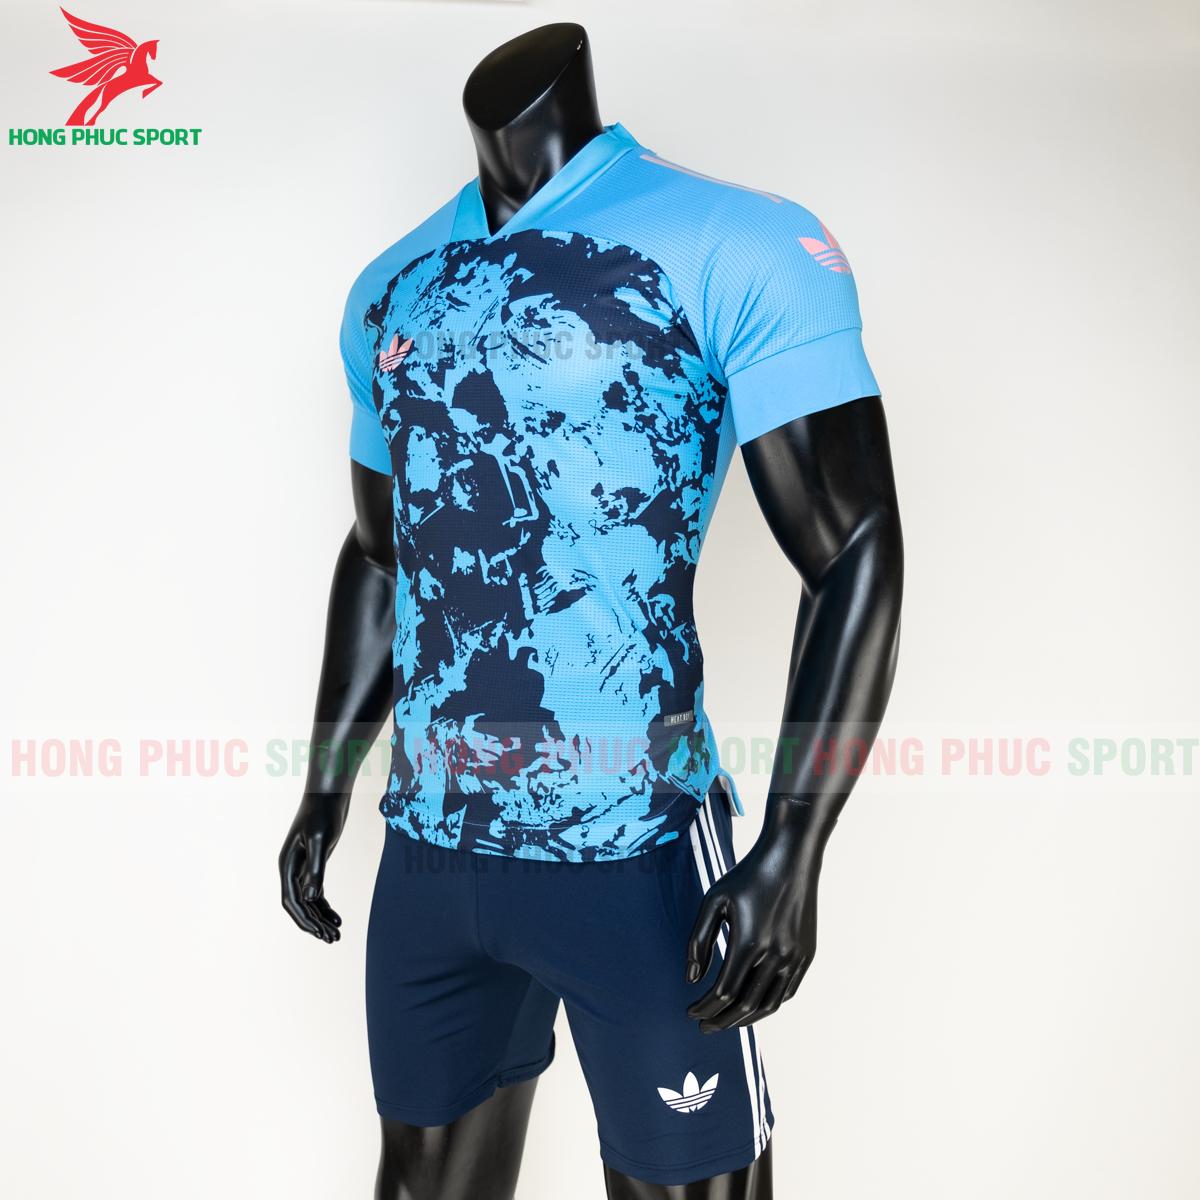 Áo đá banh không logo Condivo ba lá Adidas 2020 2021 mẫu 5 (trái)